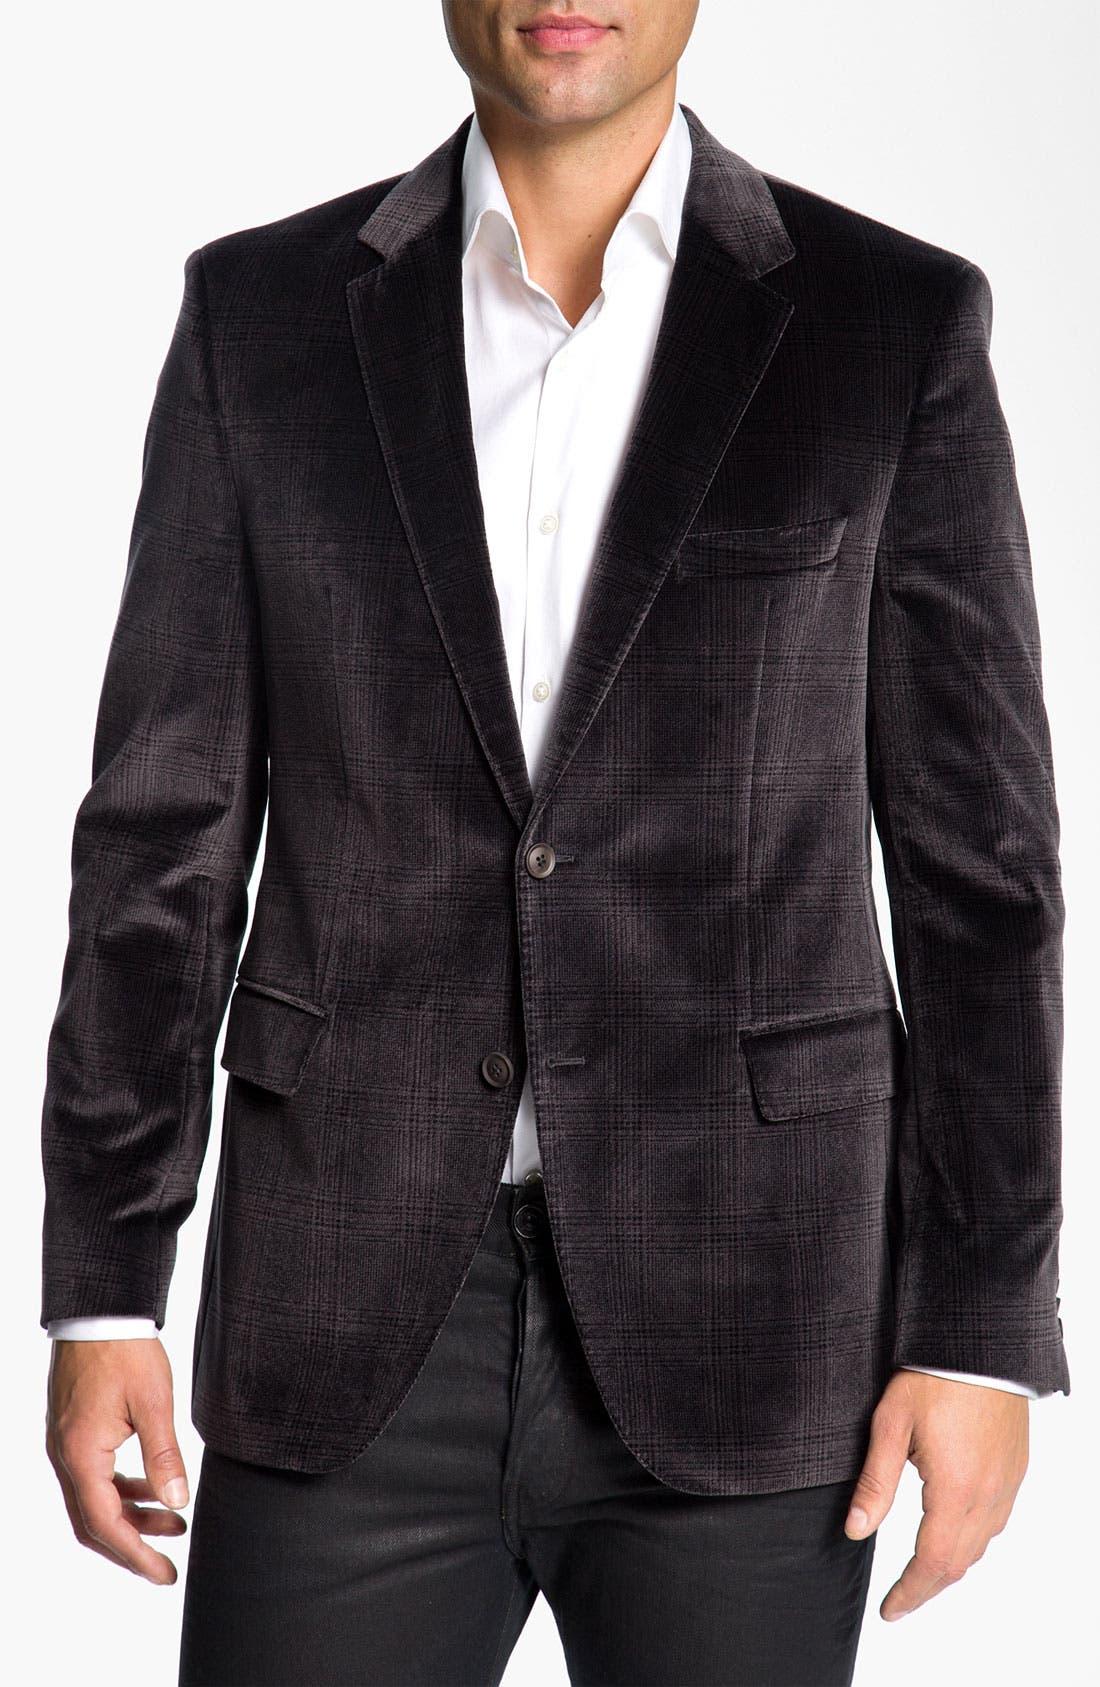 Alternate Image 1 Selected - BOSS Black 'Smith' Velvet Plaid Sportcoat